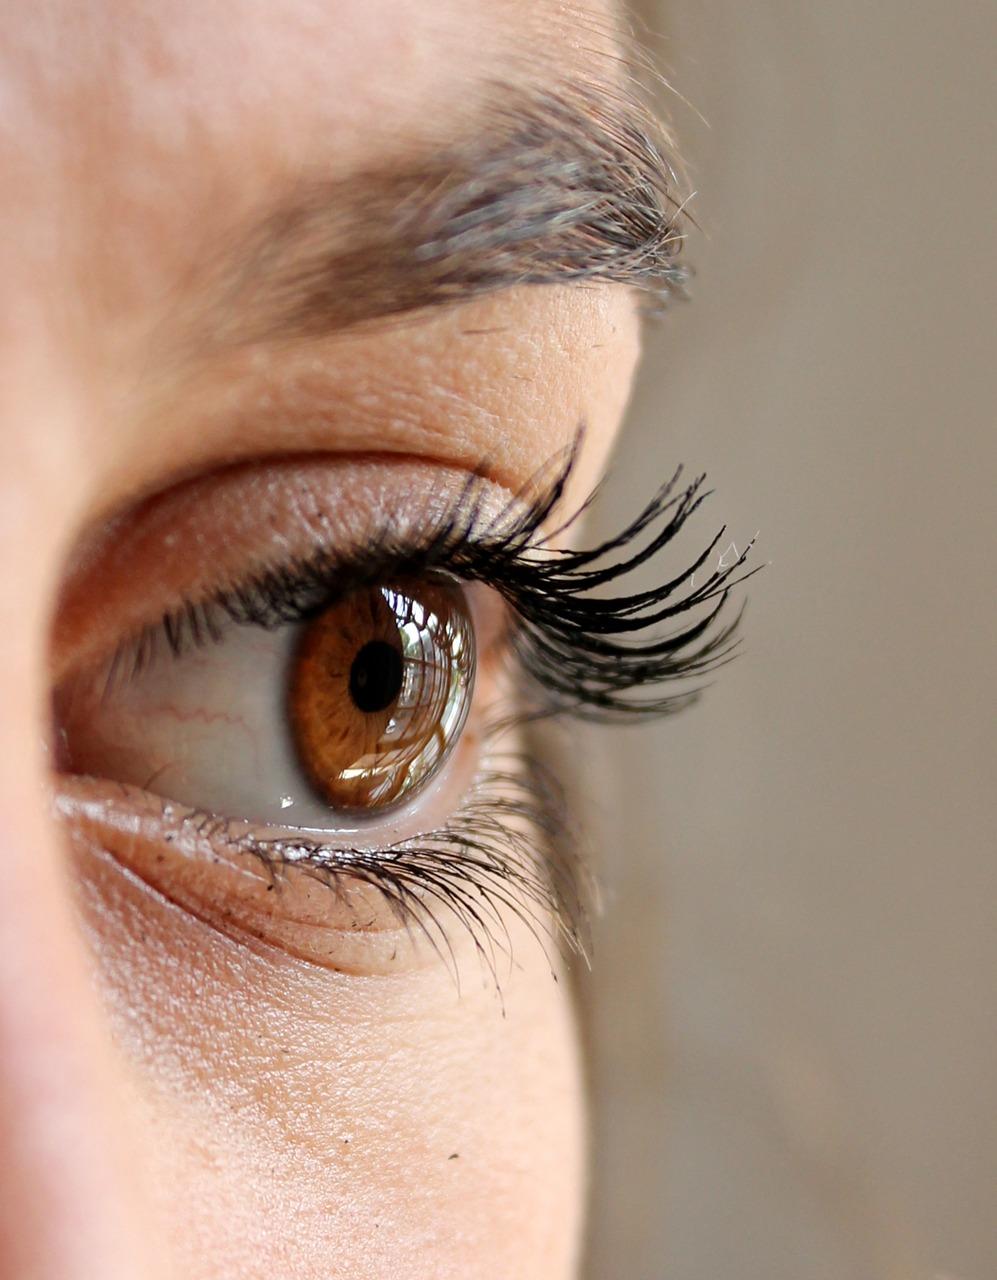 女性の眼球アップ